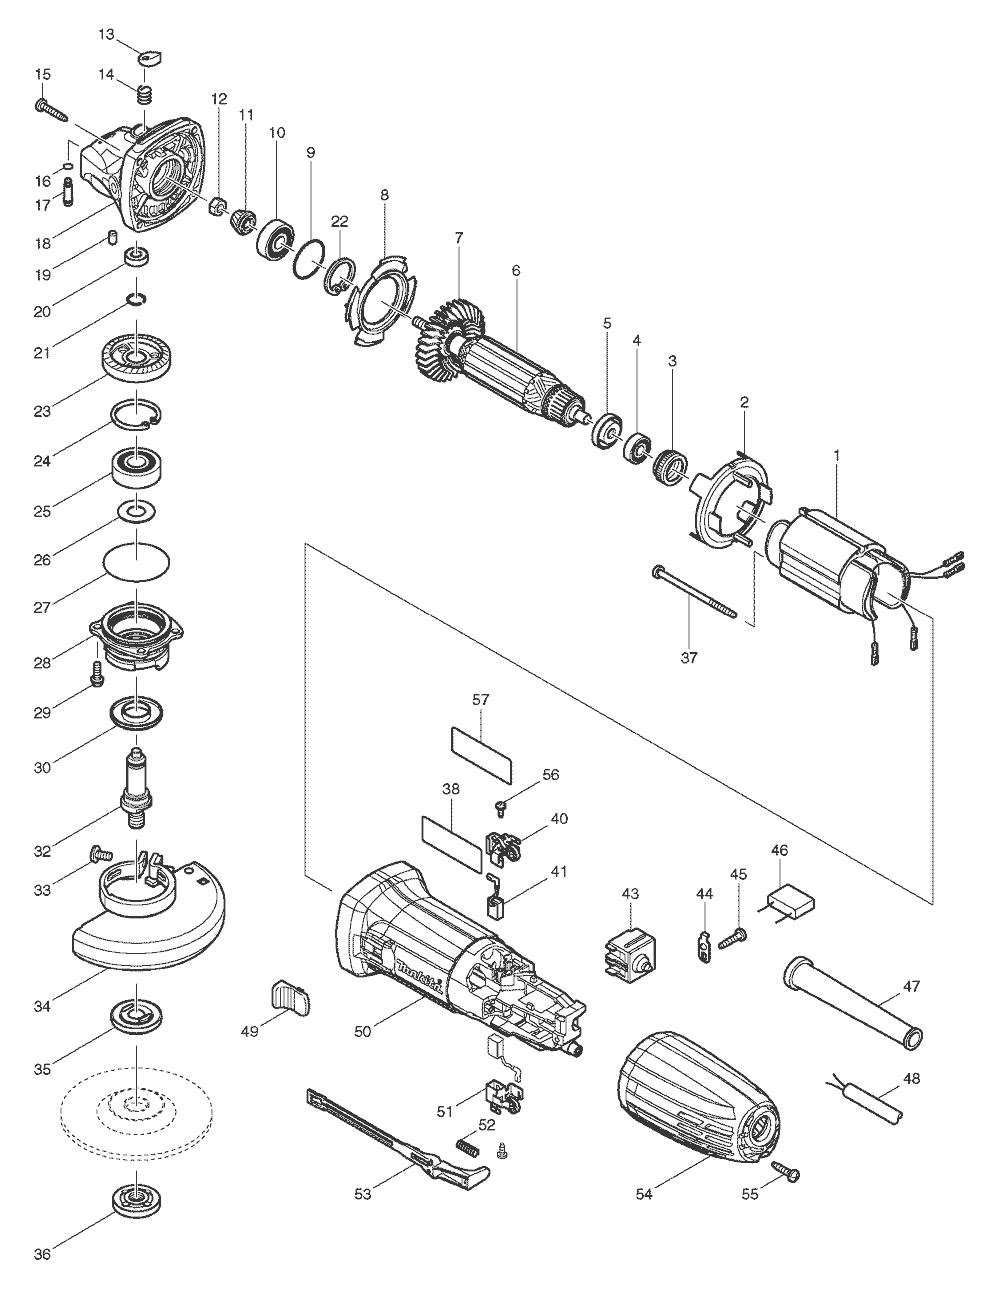 makita grinder wiring diagram